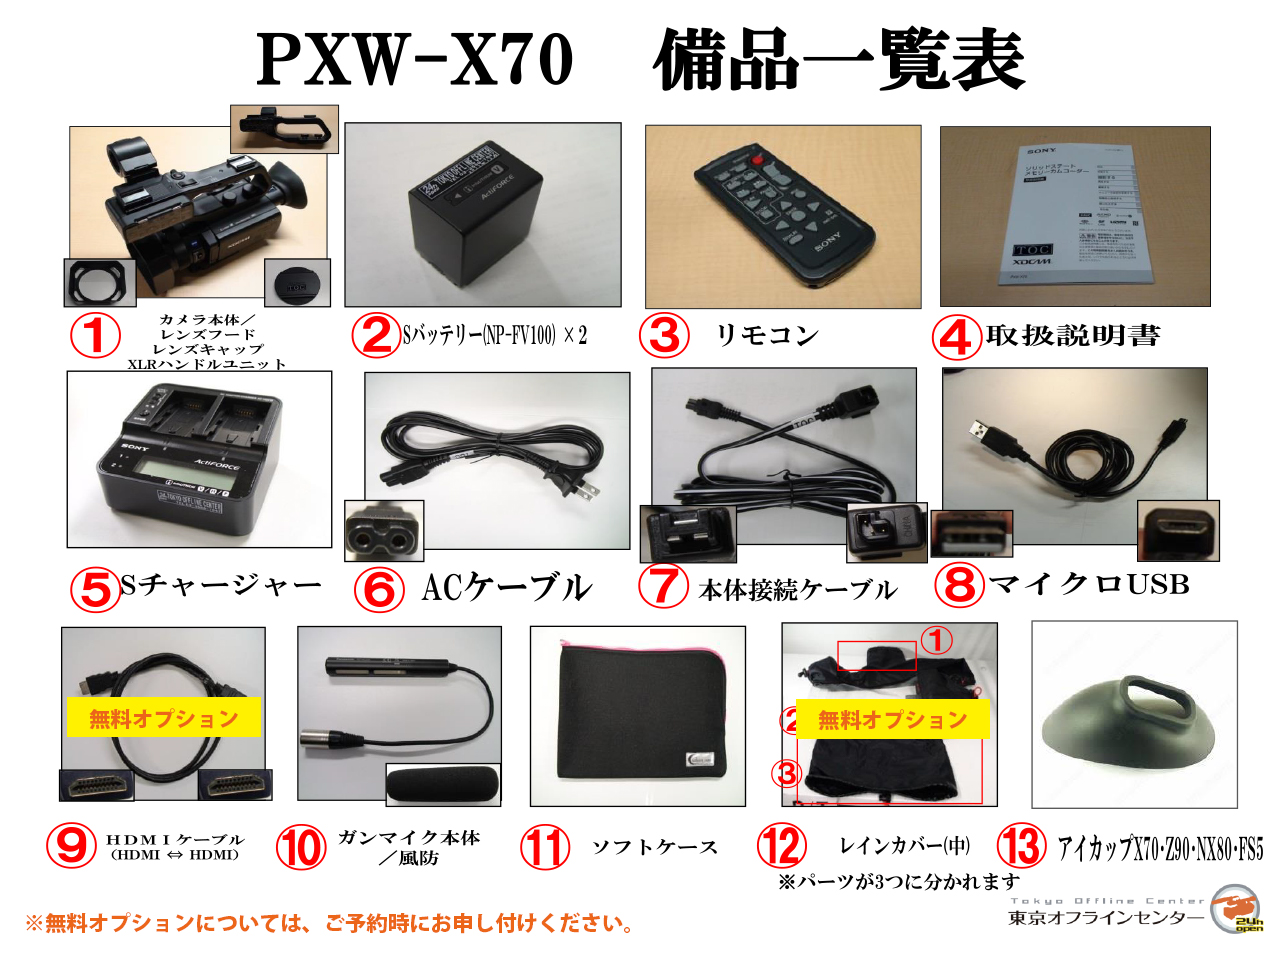 PXW-X70 備品一覧